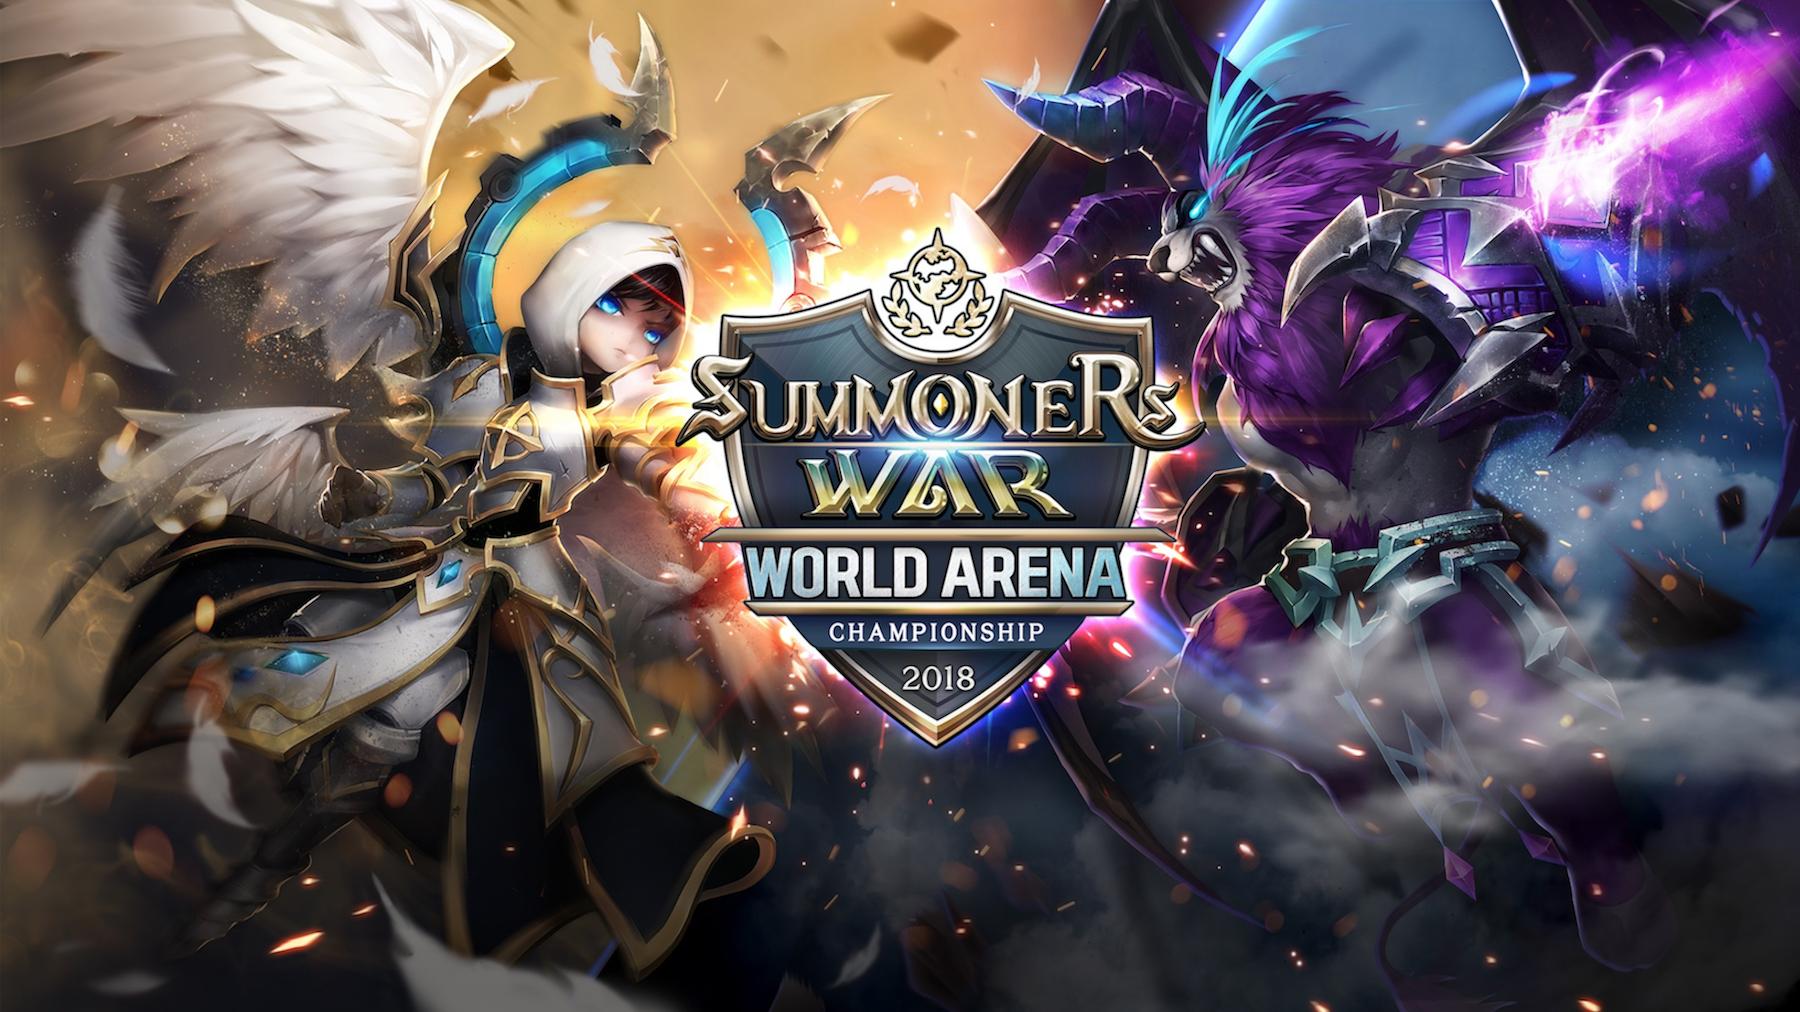 summoners war online shop